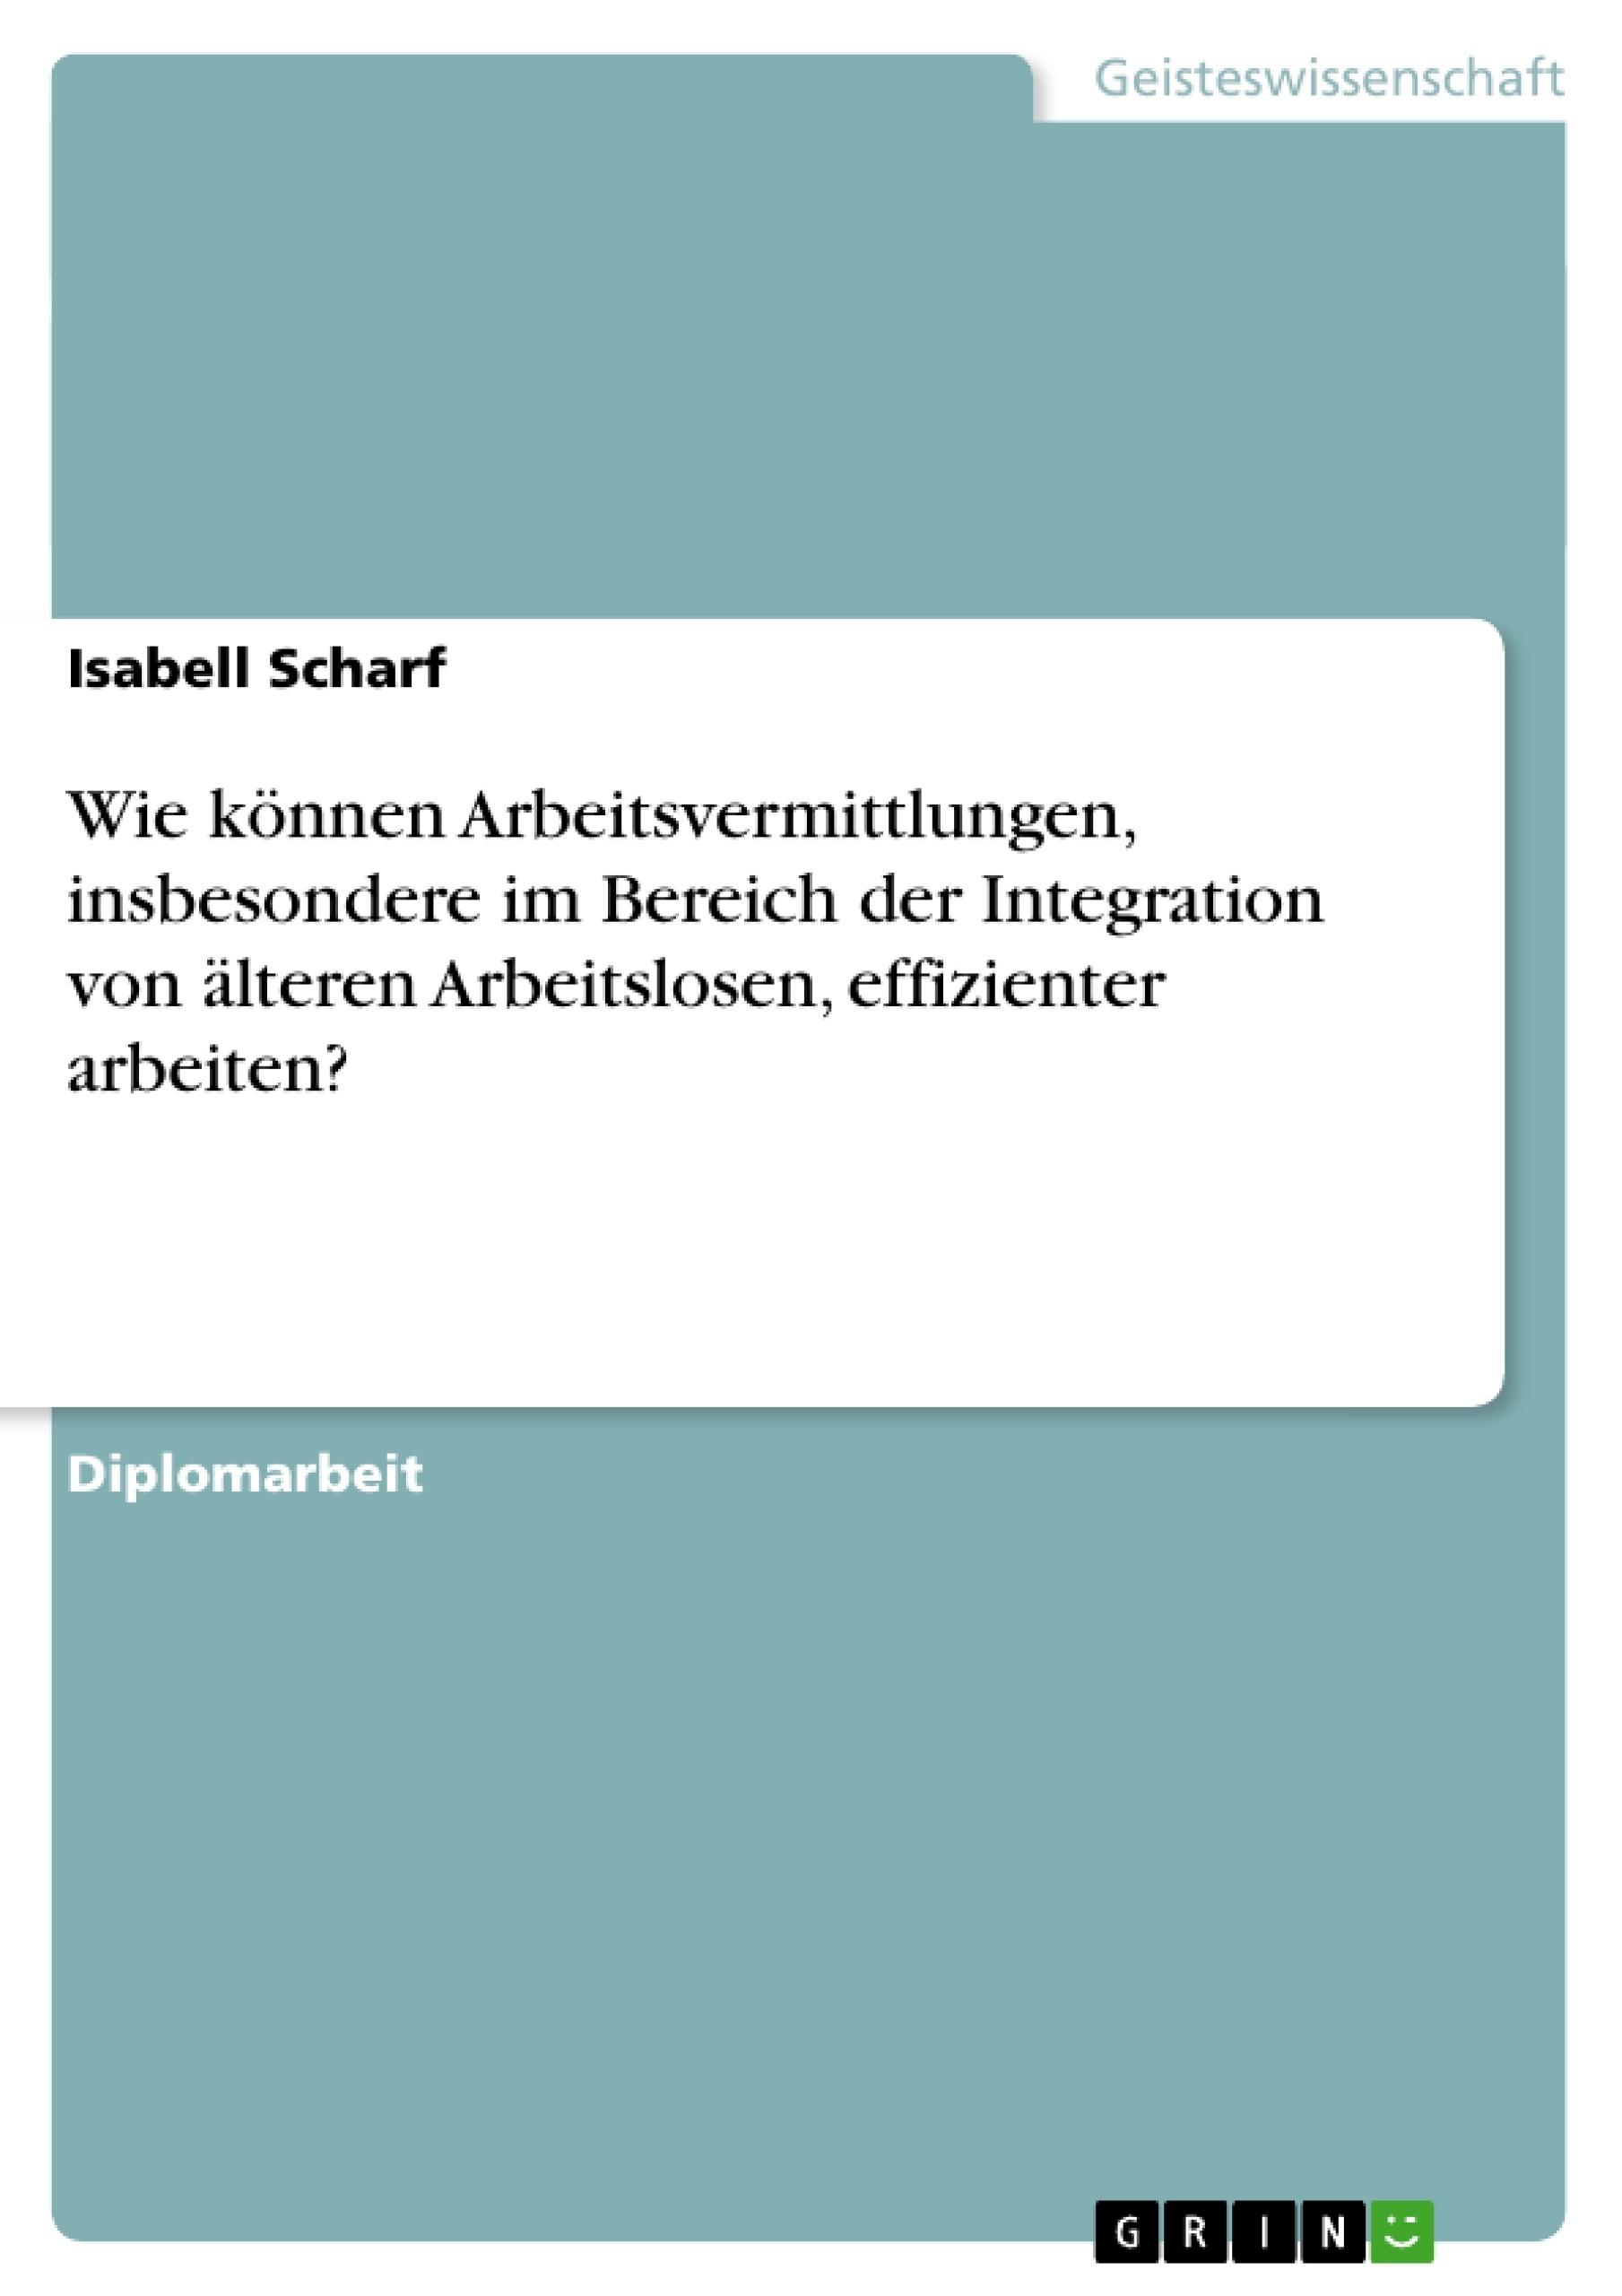 Titel: Wie können Arbeitsvermittlungen, insbesondere im Bereich der Integration von älteren Arbeitslosen, effizienter arbeiten?